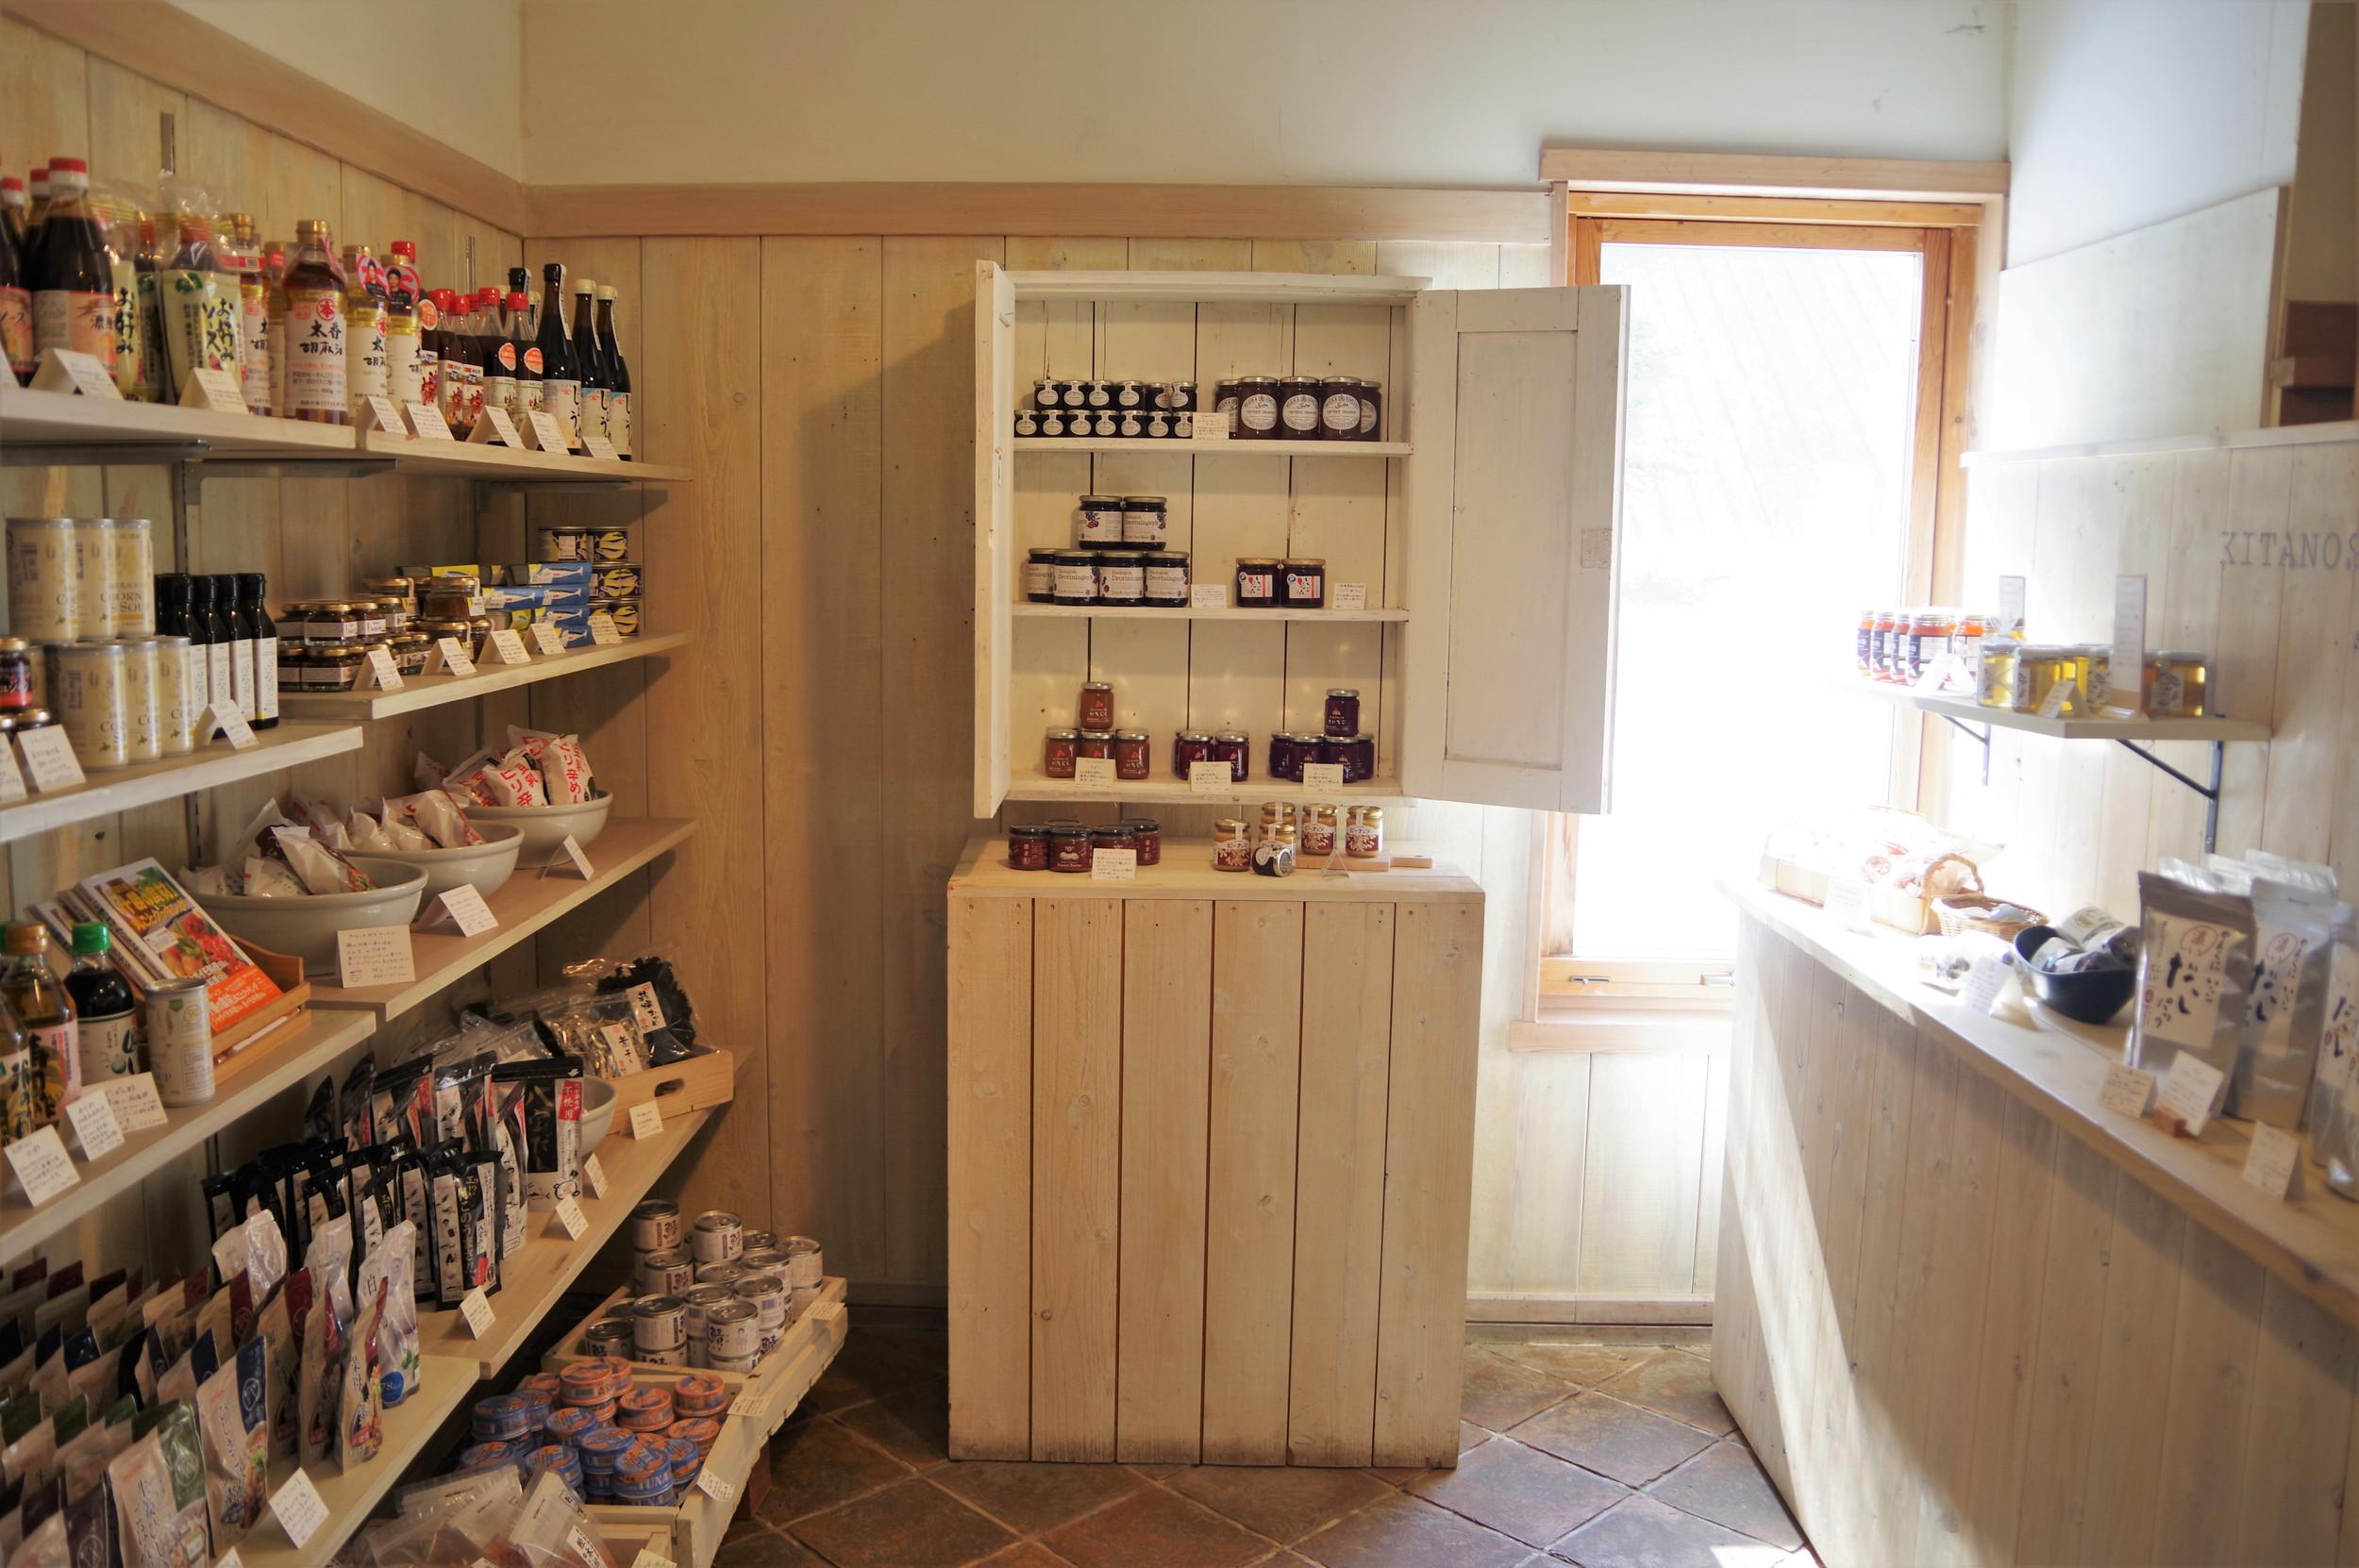 カフェ入口の販売コーナー。オーガニック素材の調味料をはじめ、さまざまなアイテムに目を奪われます